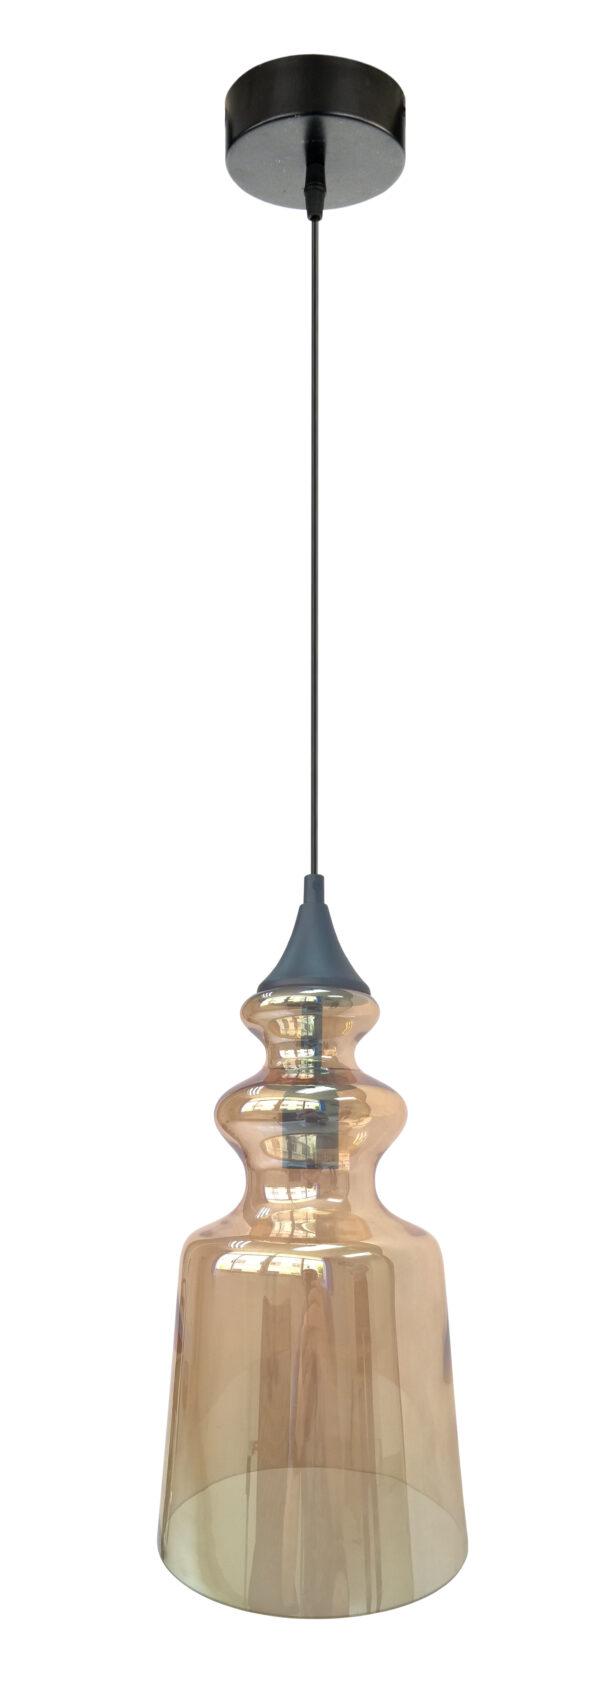 OXELO LAMPA WISZĄCA 20/36 1X60W E27 BURSZTYNOWY - 31-51820